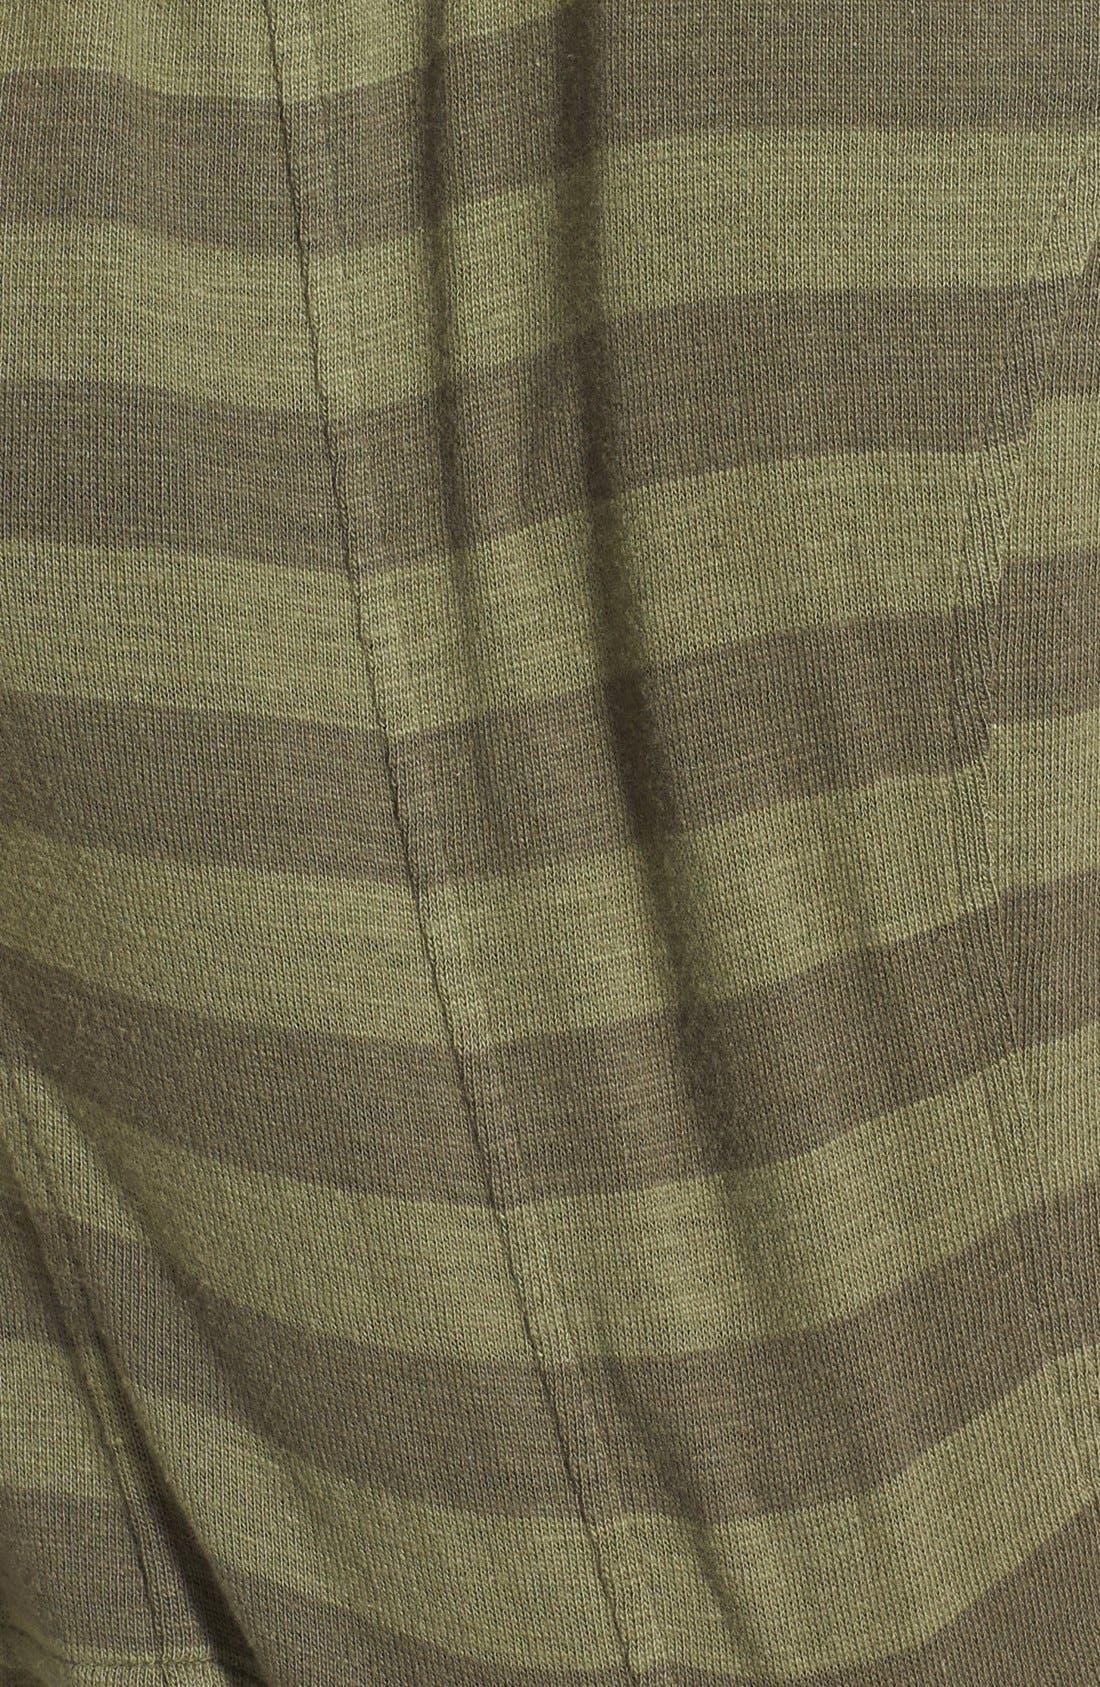 Cotton Knit Jacket,                             Alternate thumbnail 29, color,